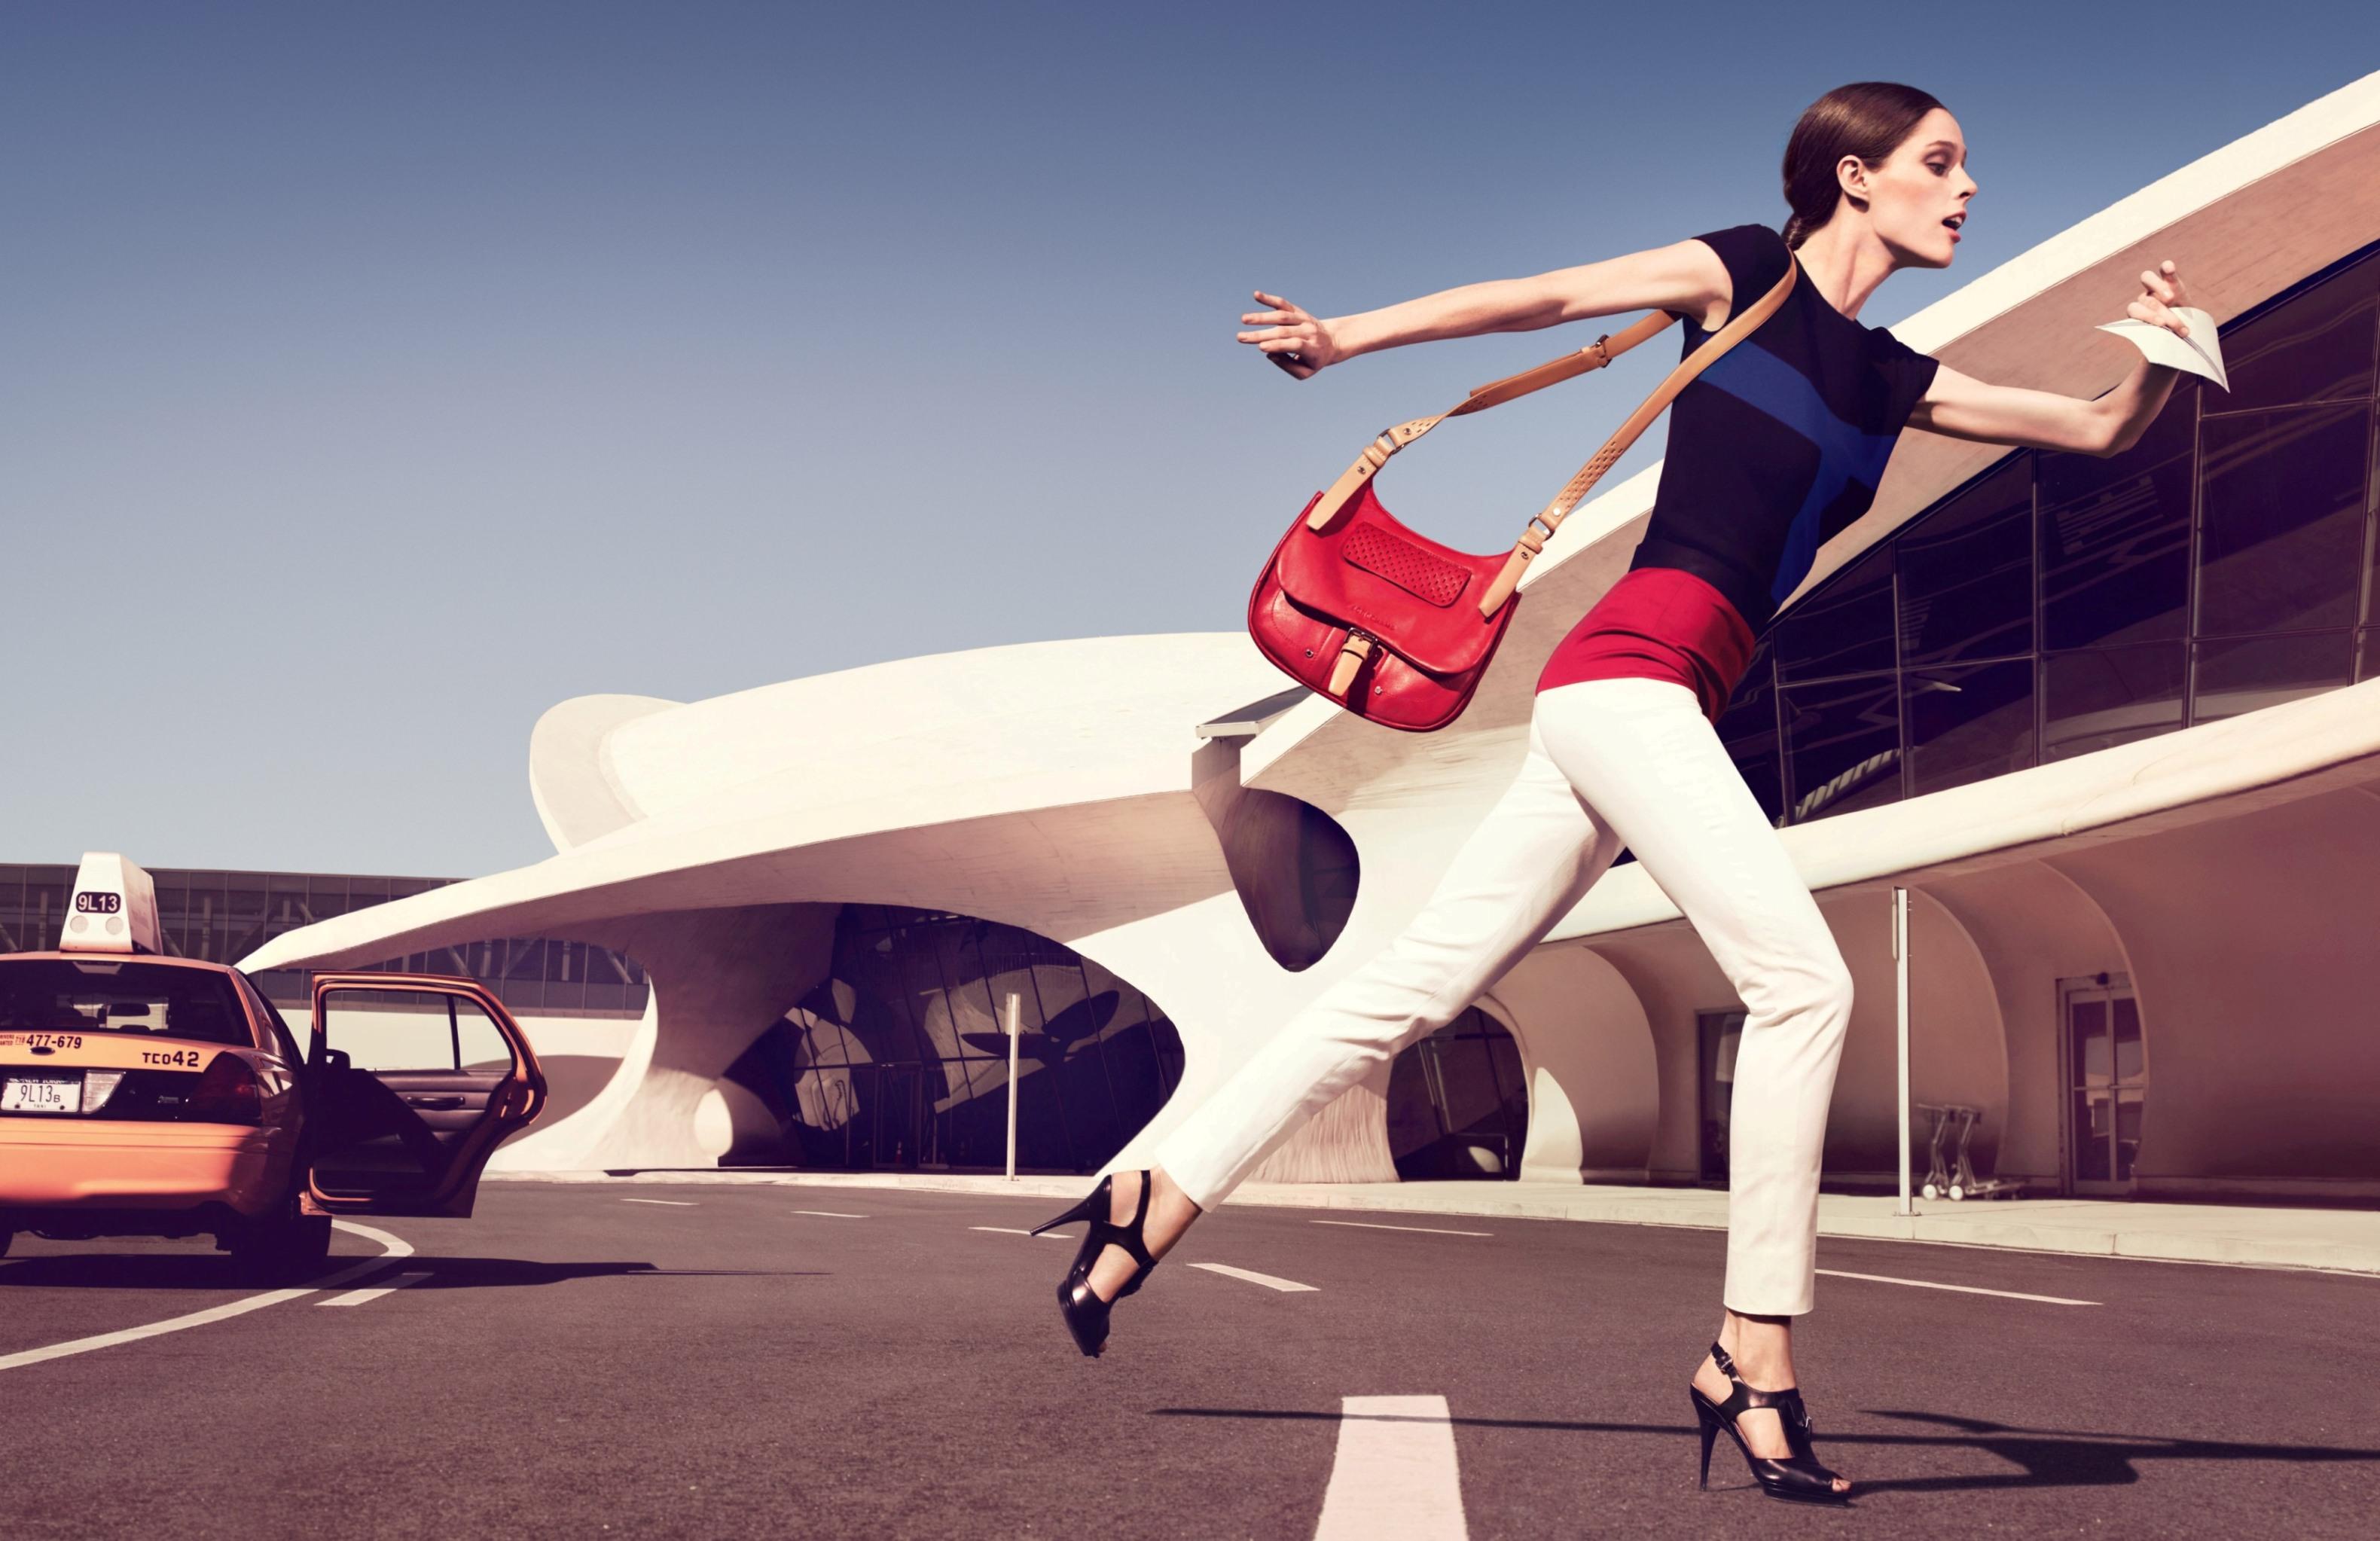 法国 Longchamp 2014年销售额接近 5亿欧元 同比增长 8%